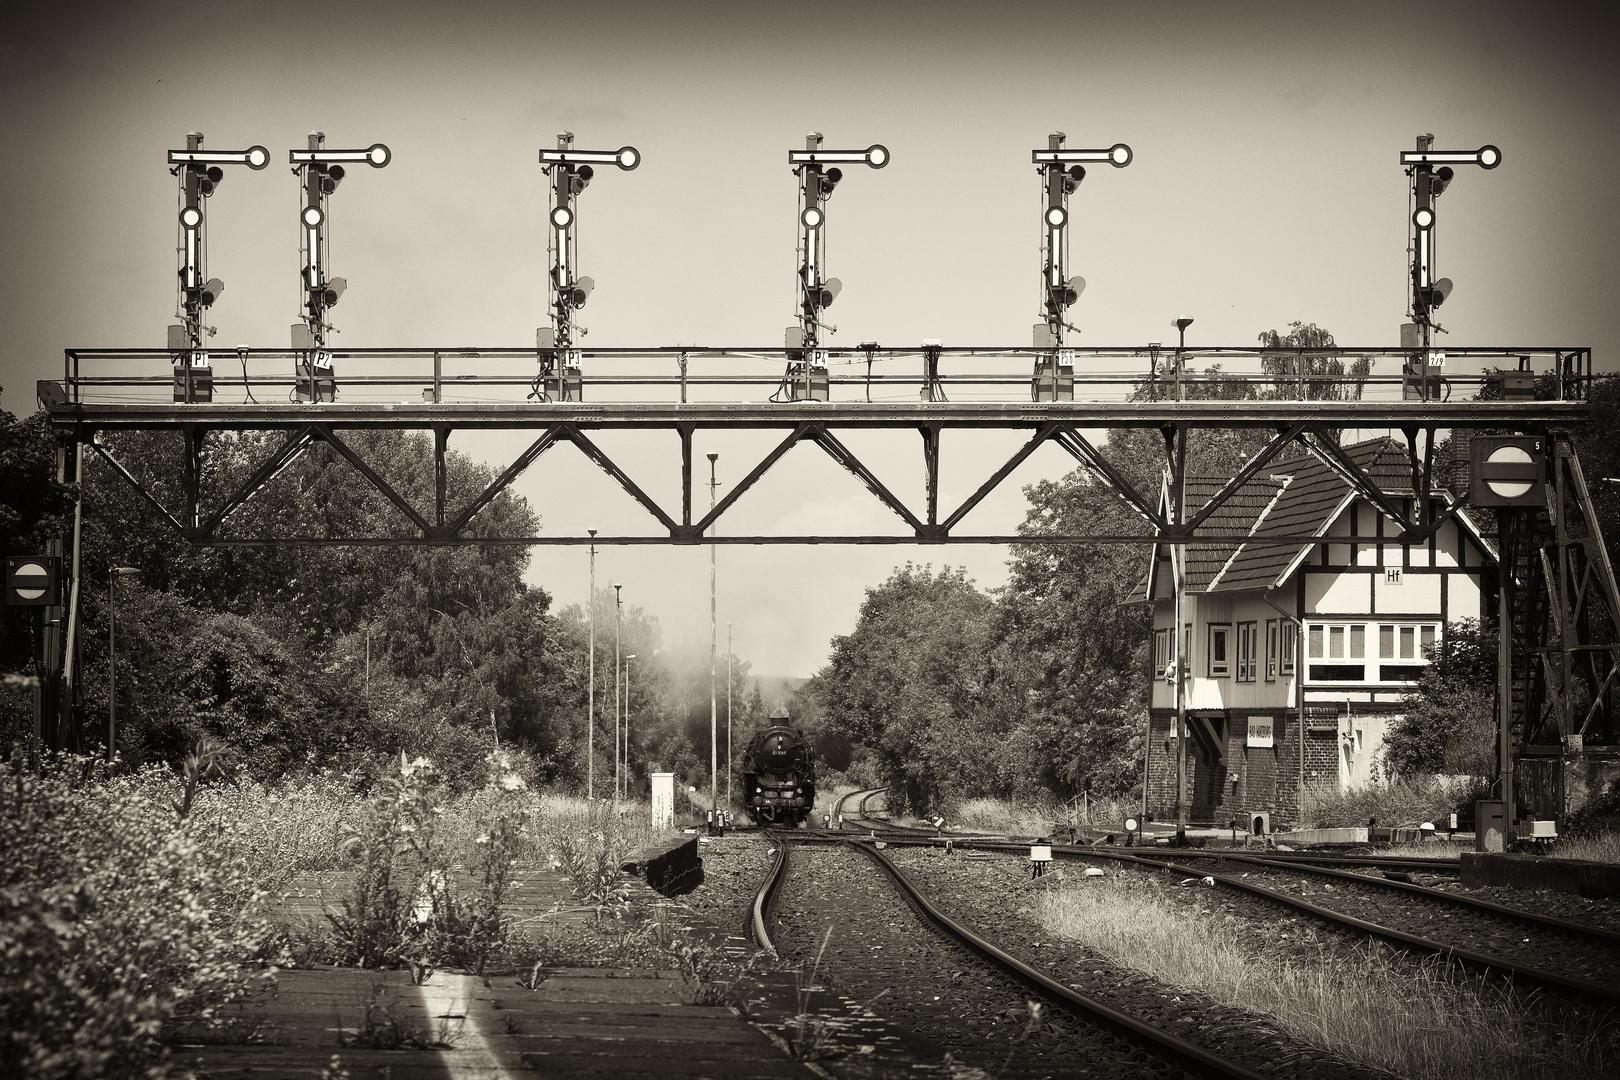 01 1066 bei der Einfahrt Bad Harzburg